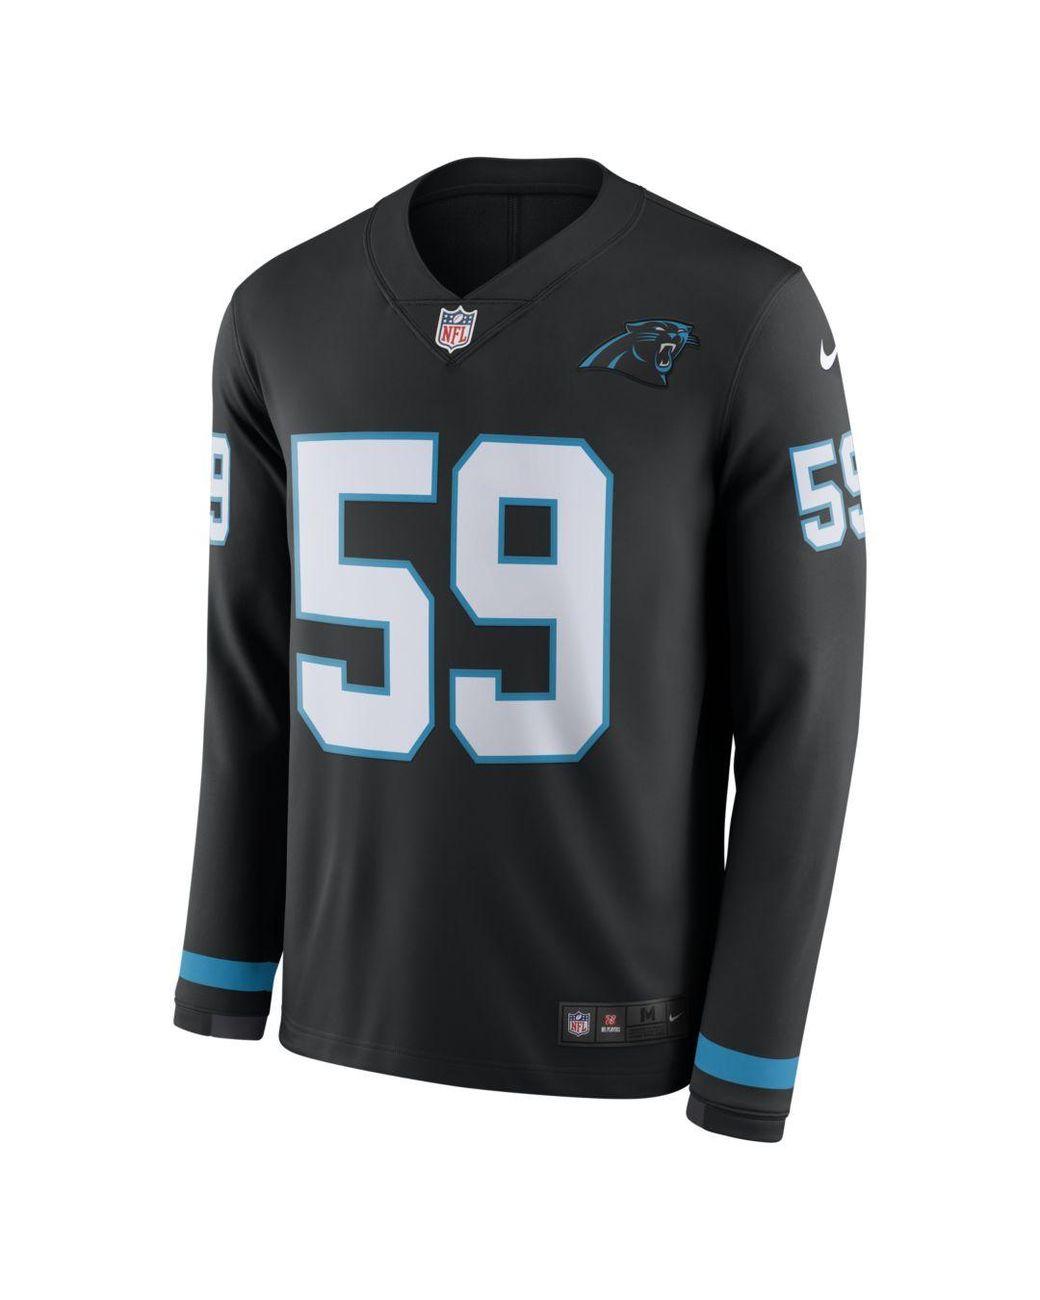 newest 5e8cb de1c2 Lyst - Nike Nfl Carolina Panthers Jersey (luke Kuechly) Long ...